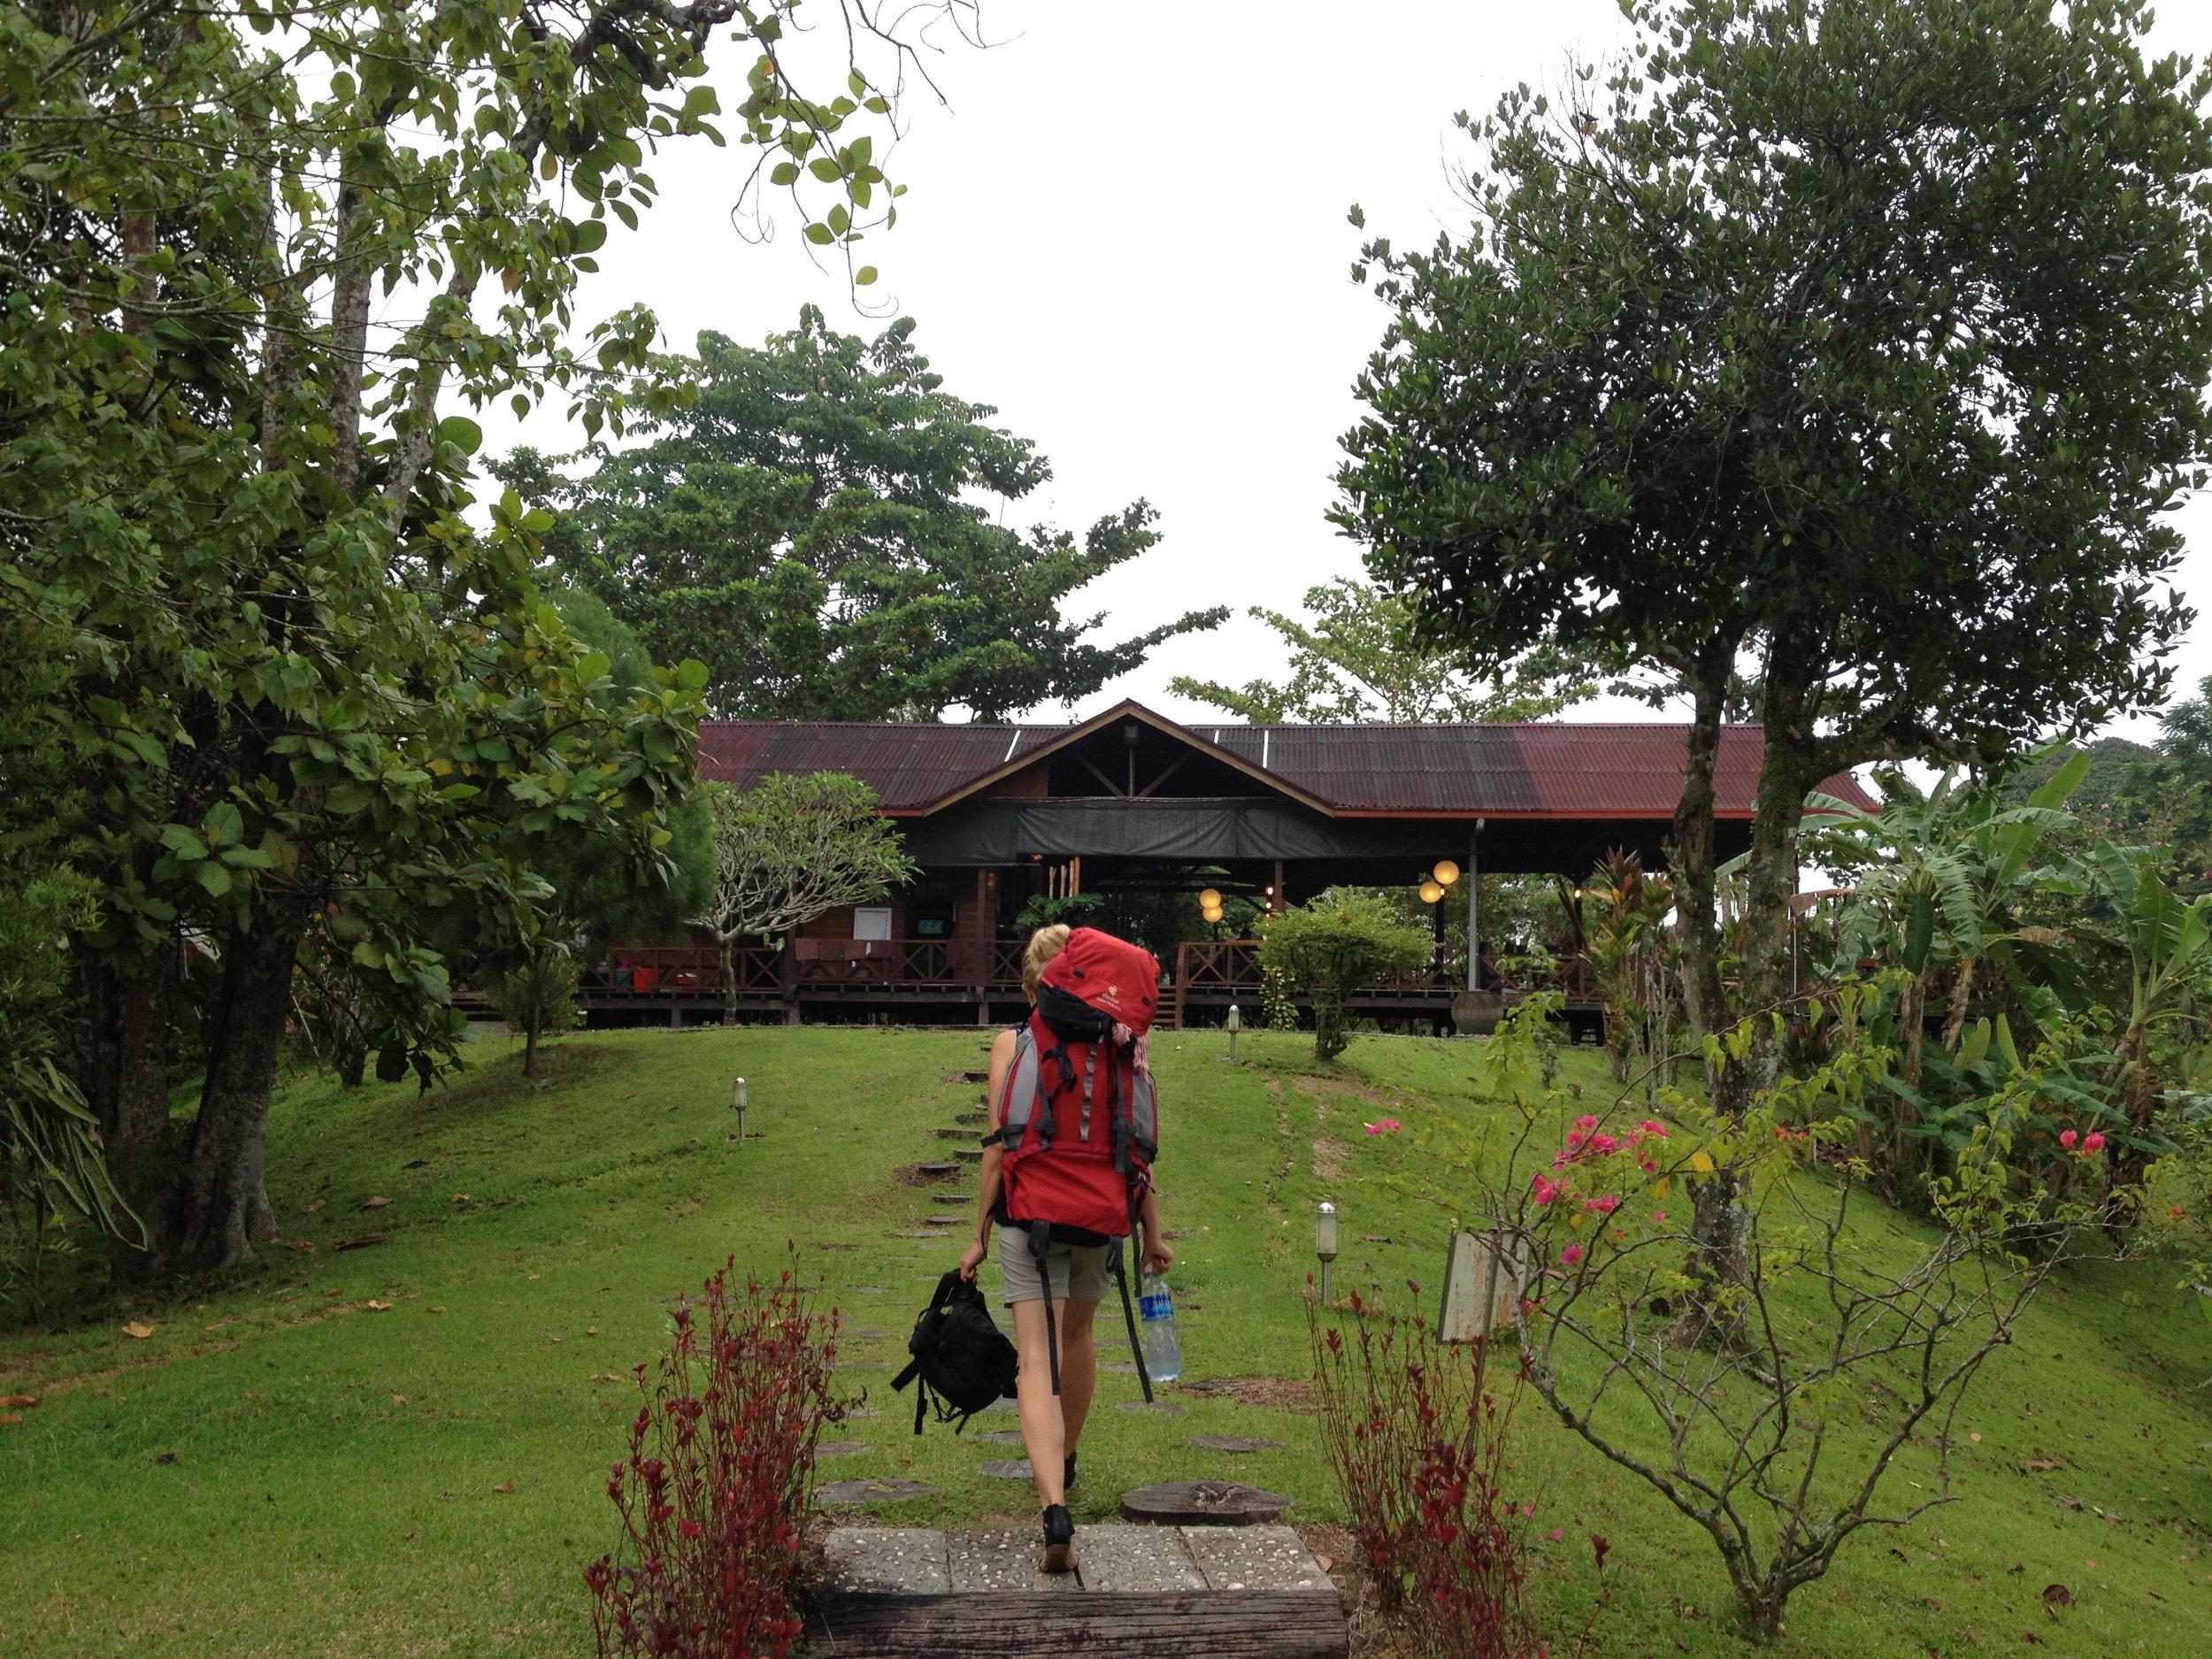 Eine schöne Erinnerung an einen Urlaub auf Borneo